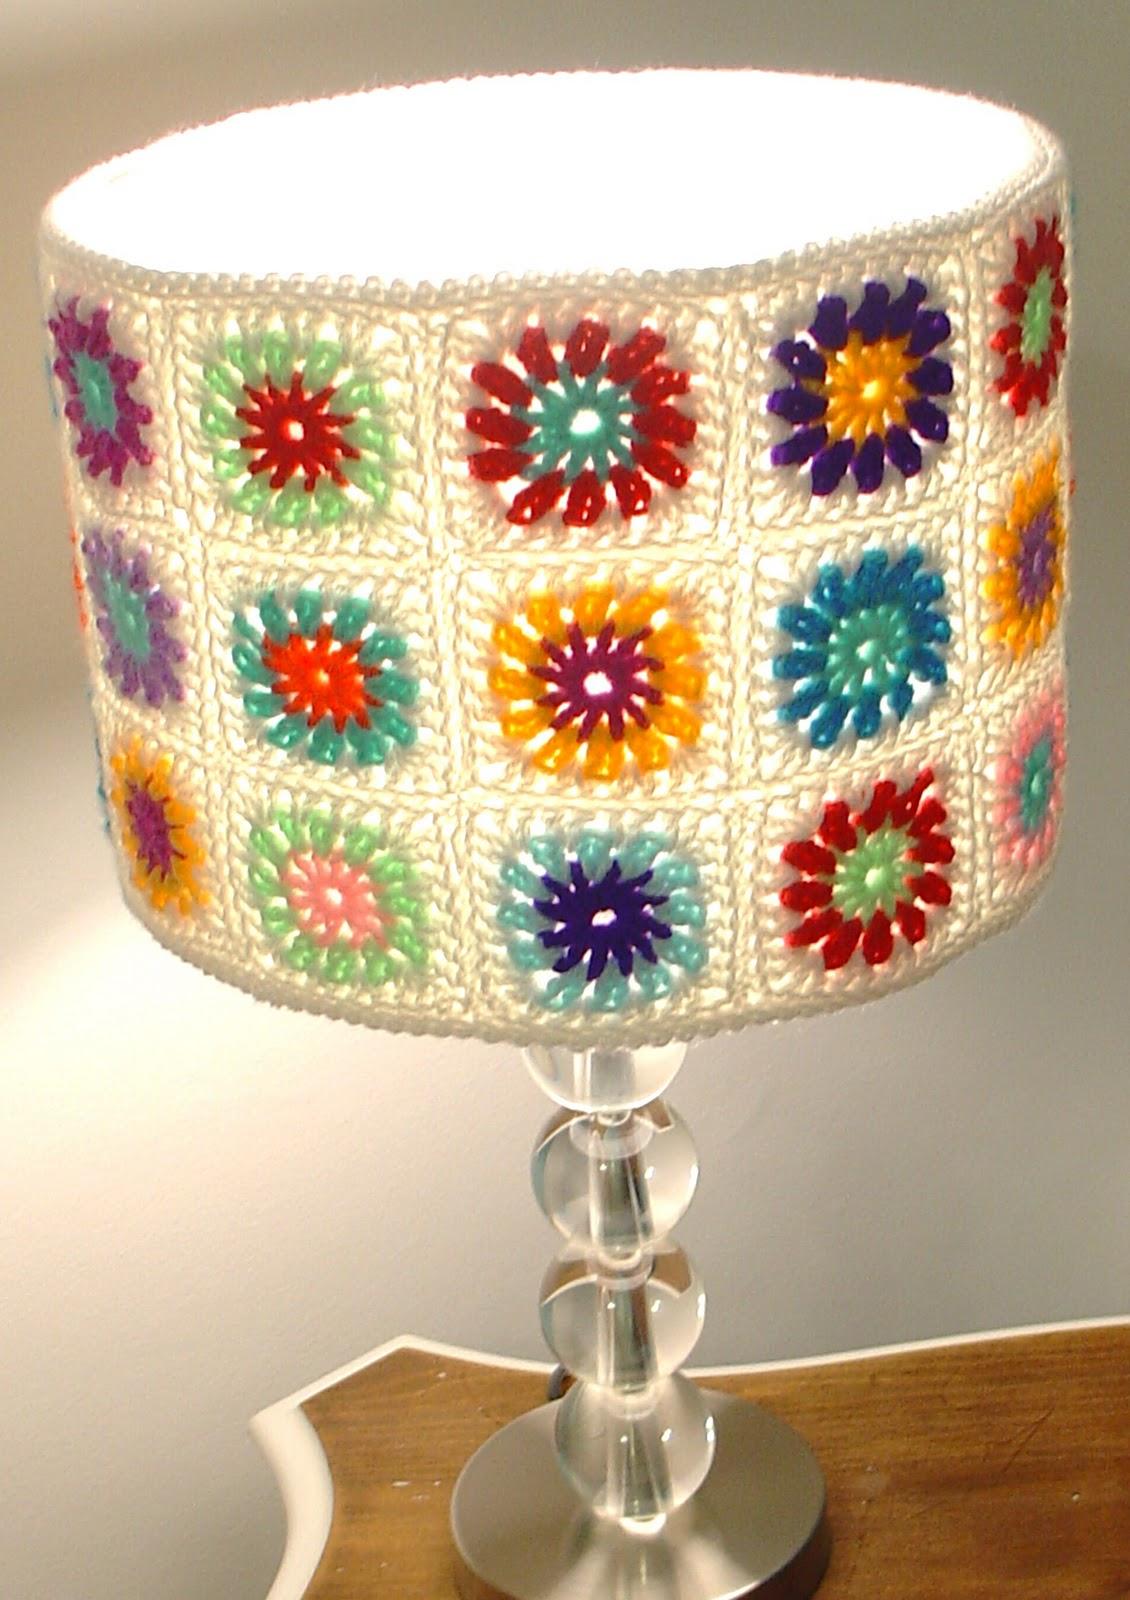 http://3.bp.blogspot.com/-w1DE1YceZcE/TWYfgUHvDNI/AAAAAAAAAHM/1YQnToMFj_I/s1600/crochet+002.JPG